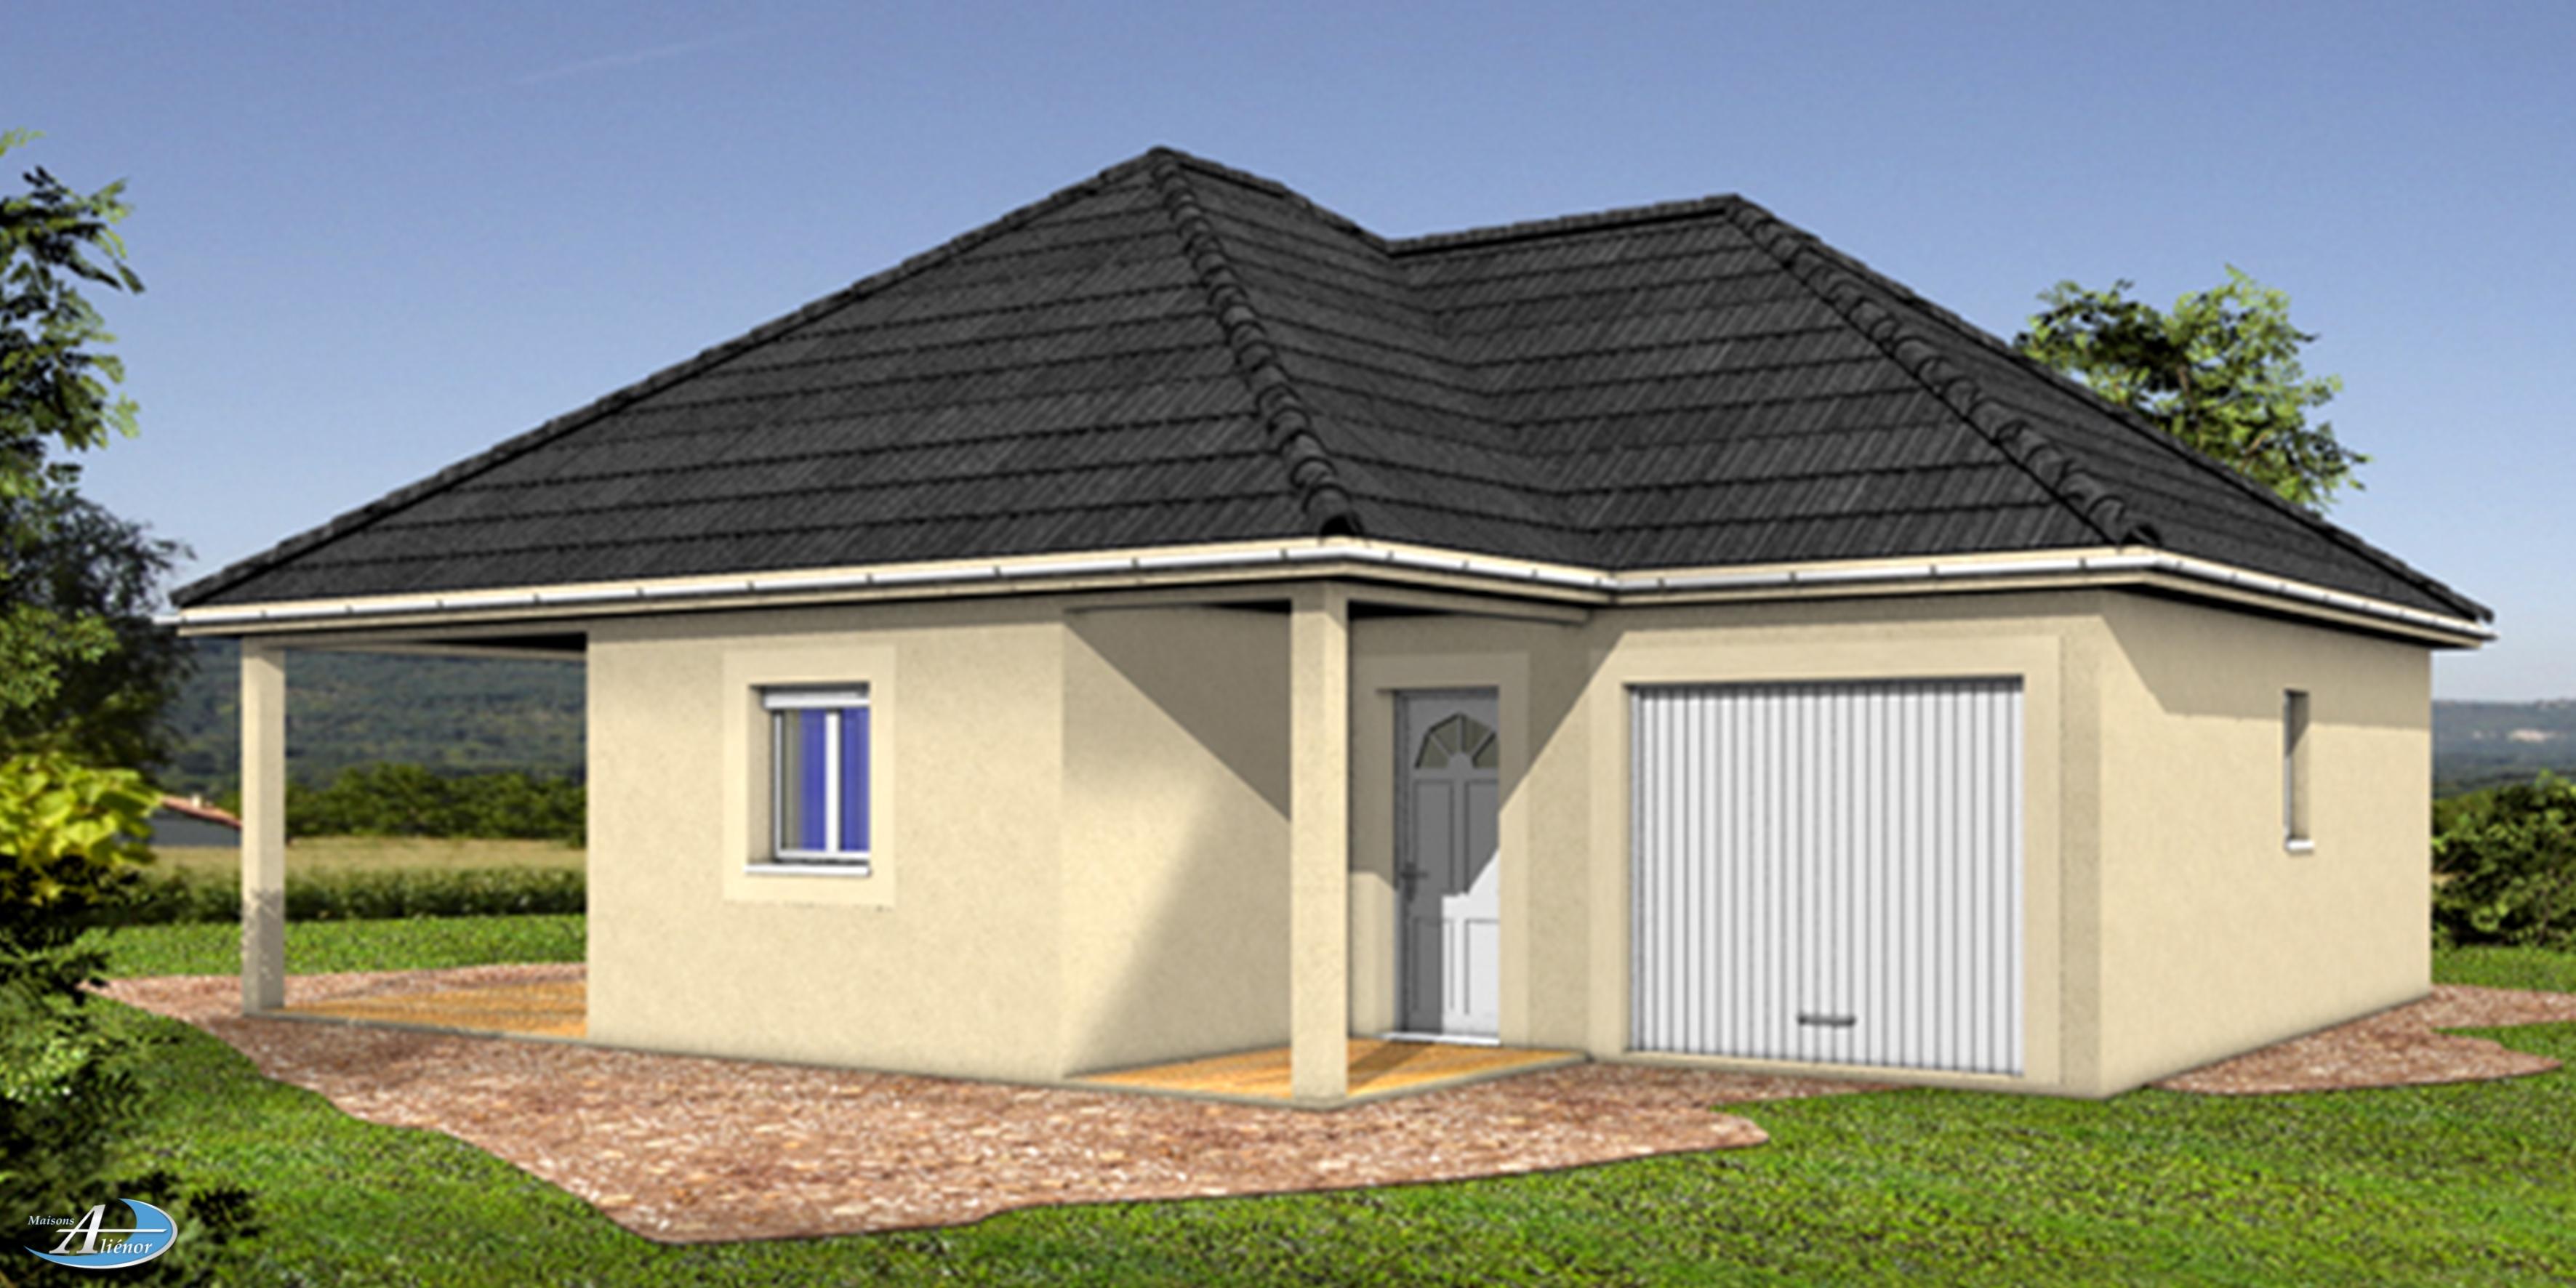 Plan maison cassilda maisons ali nor for Maisons alienor